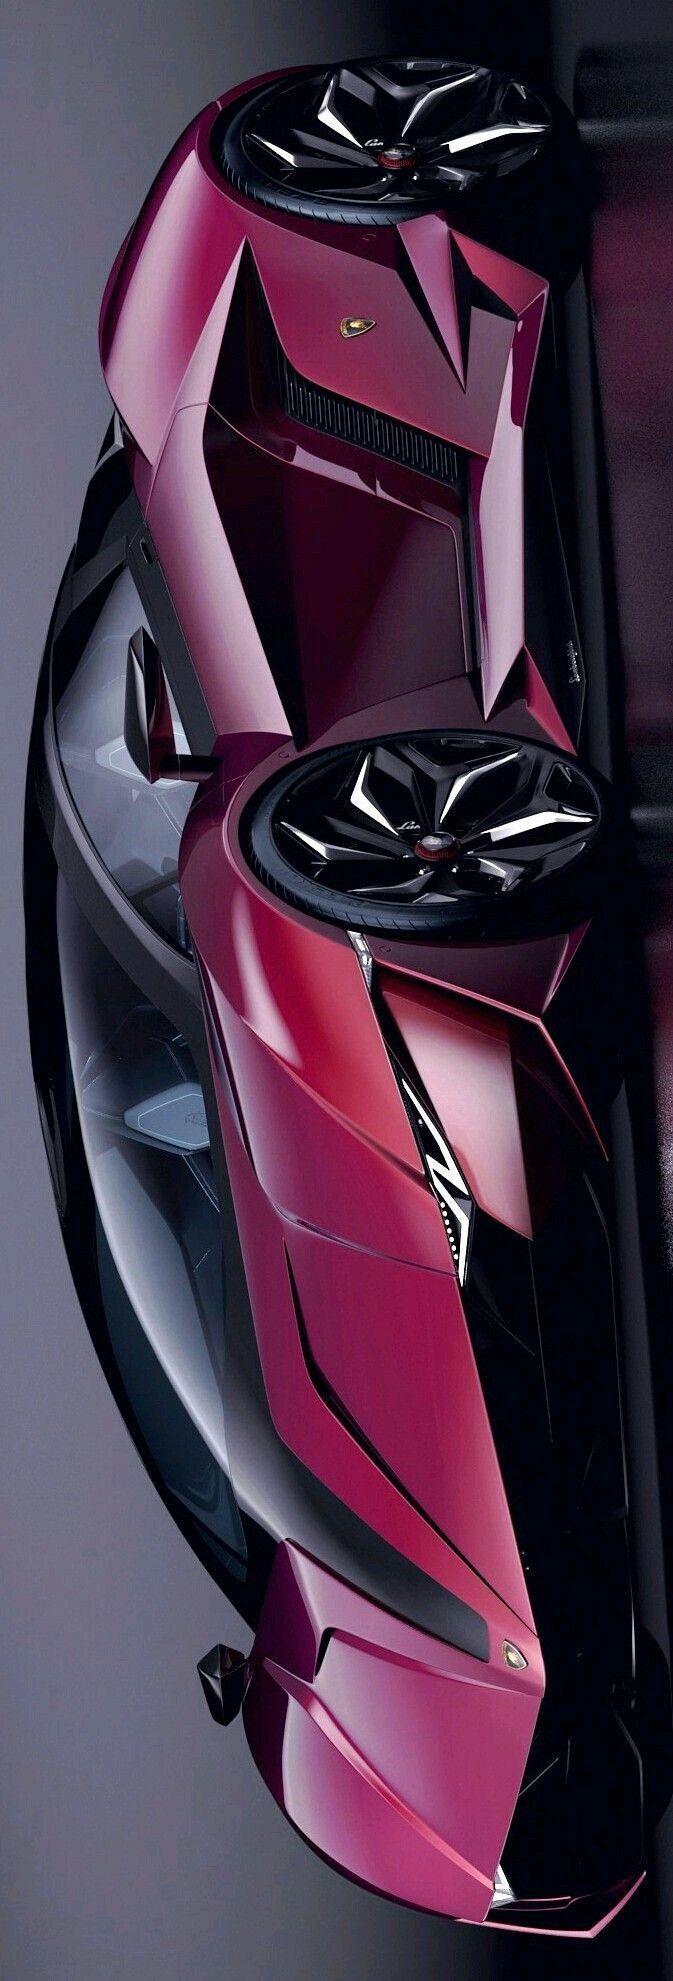 Super Cars Lamborghini #lamborghini